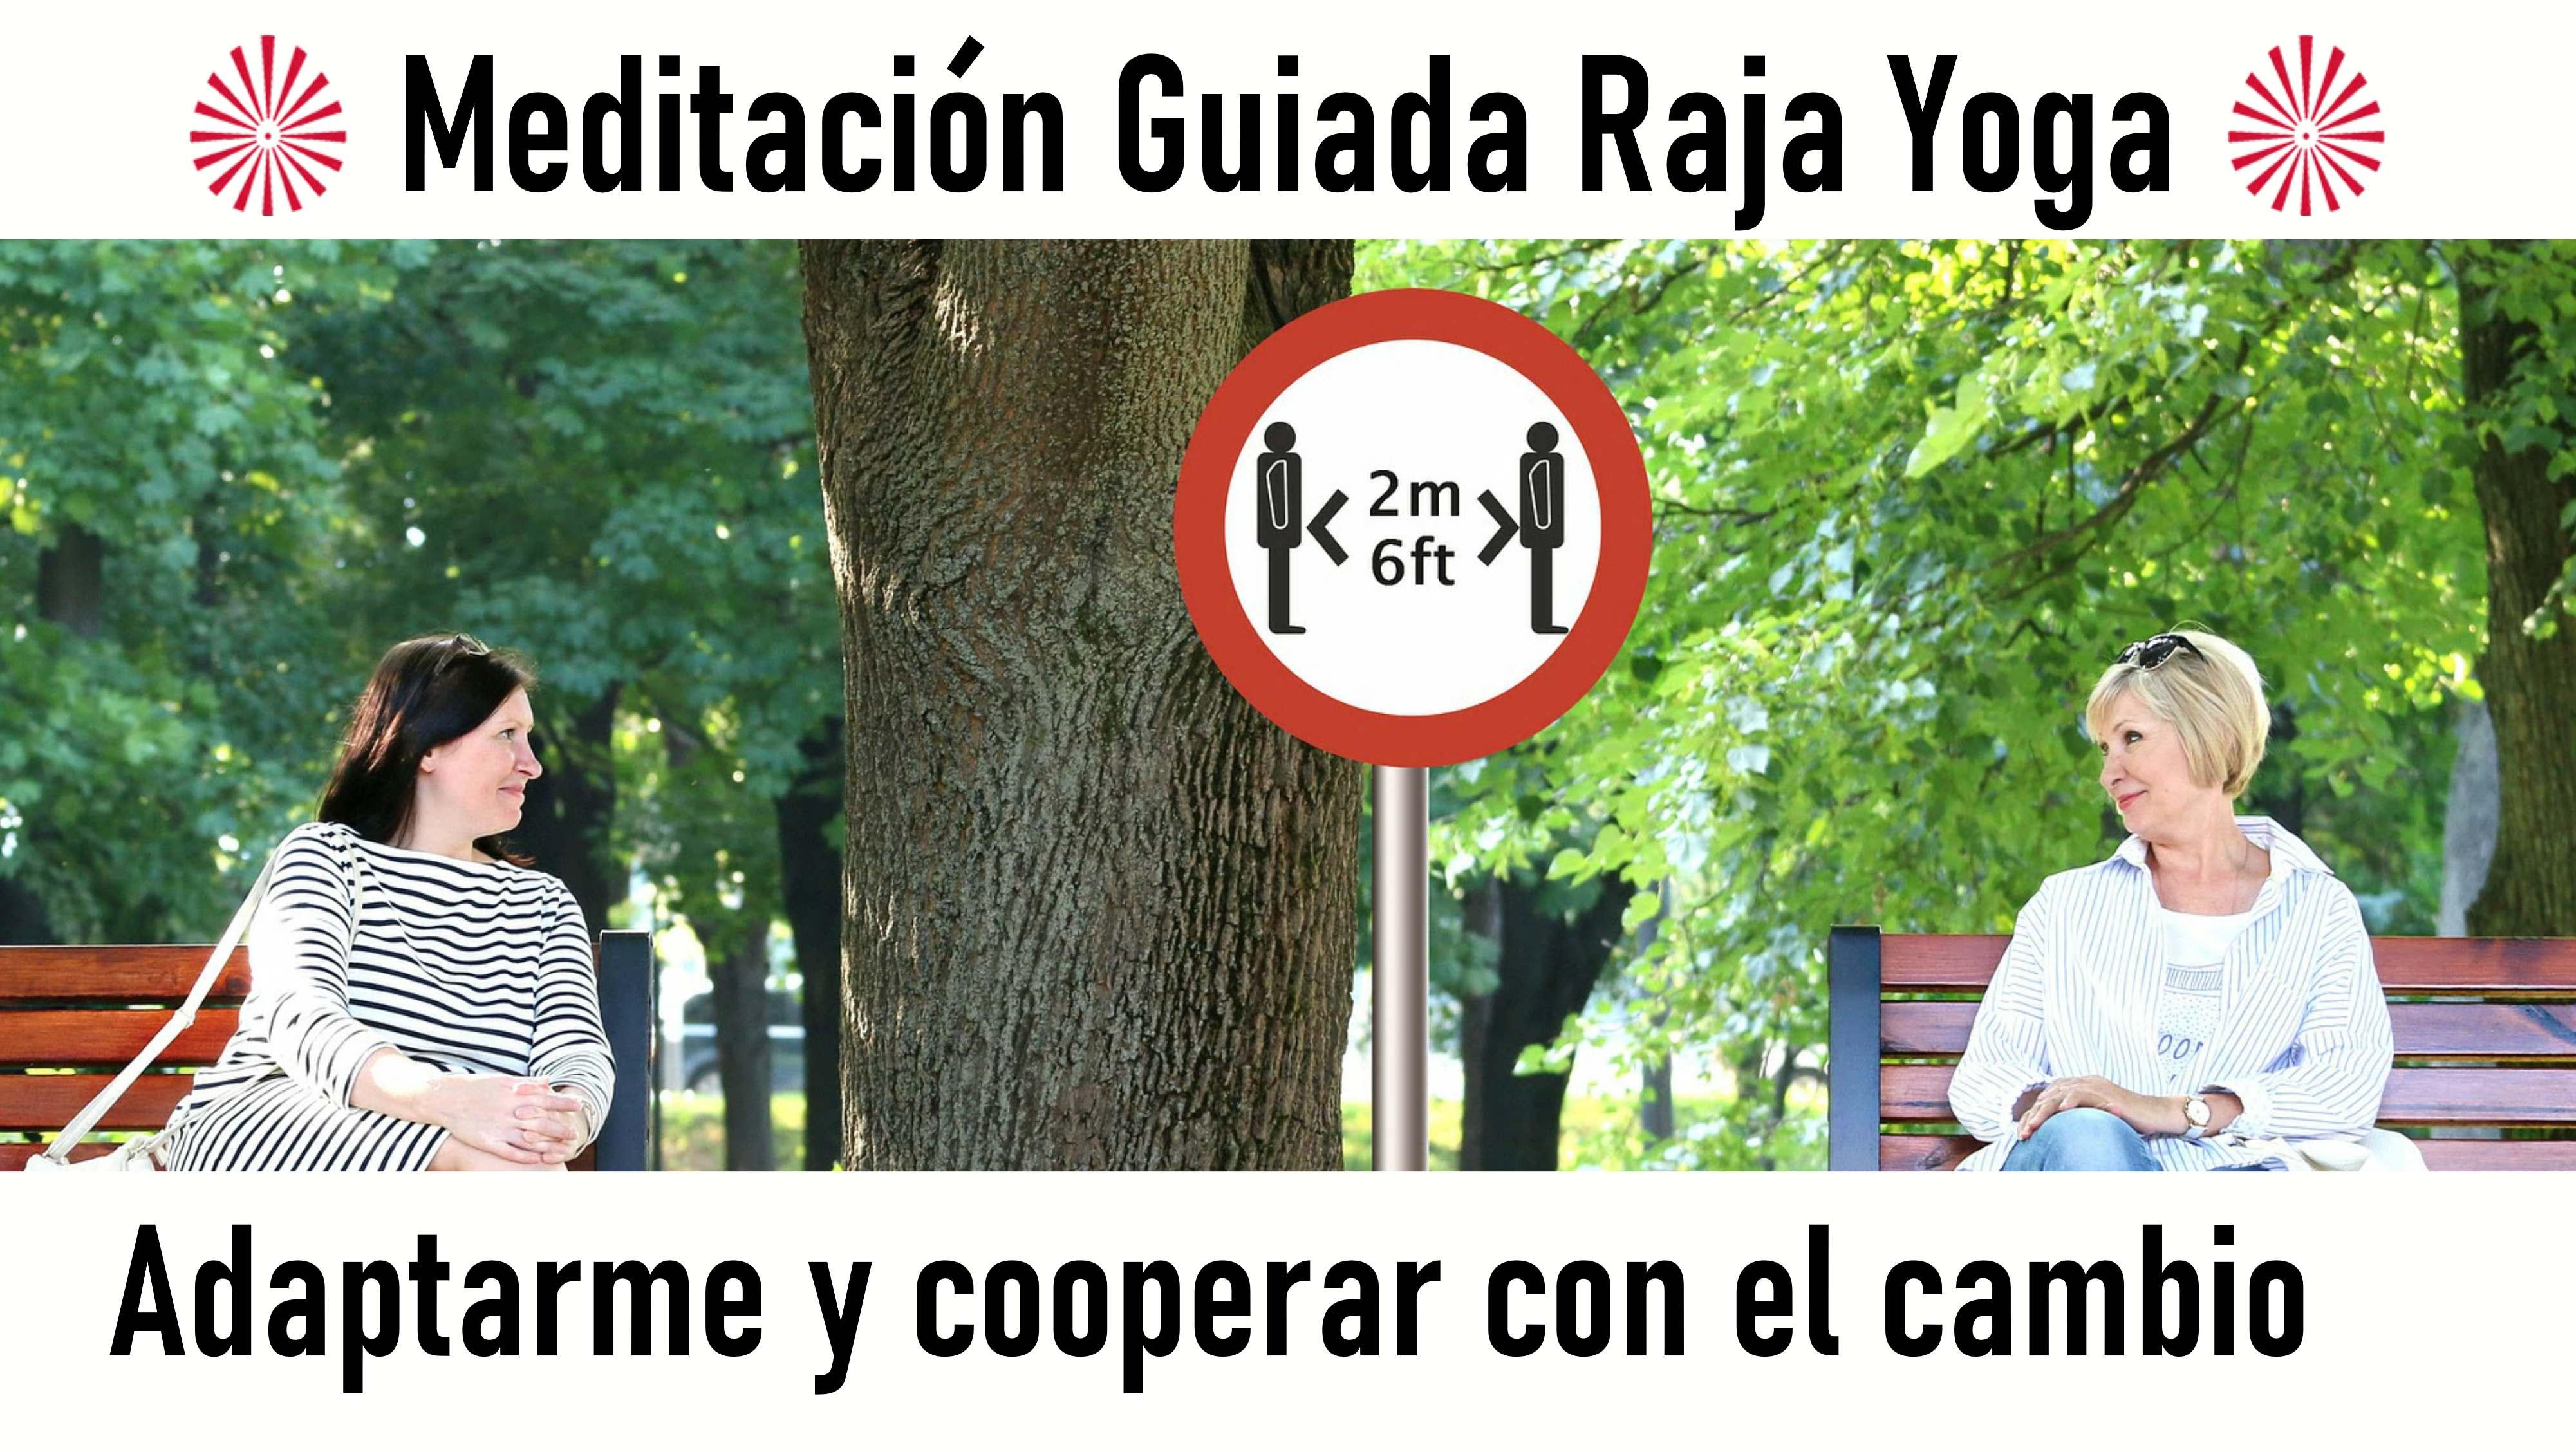 Meditación Raja Yoga: Adaptarme y cooperar con el cambio (21 Agosto 2020) On-line desde Barcelona